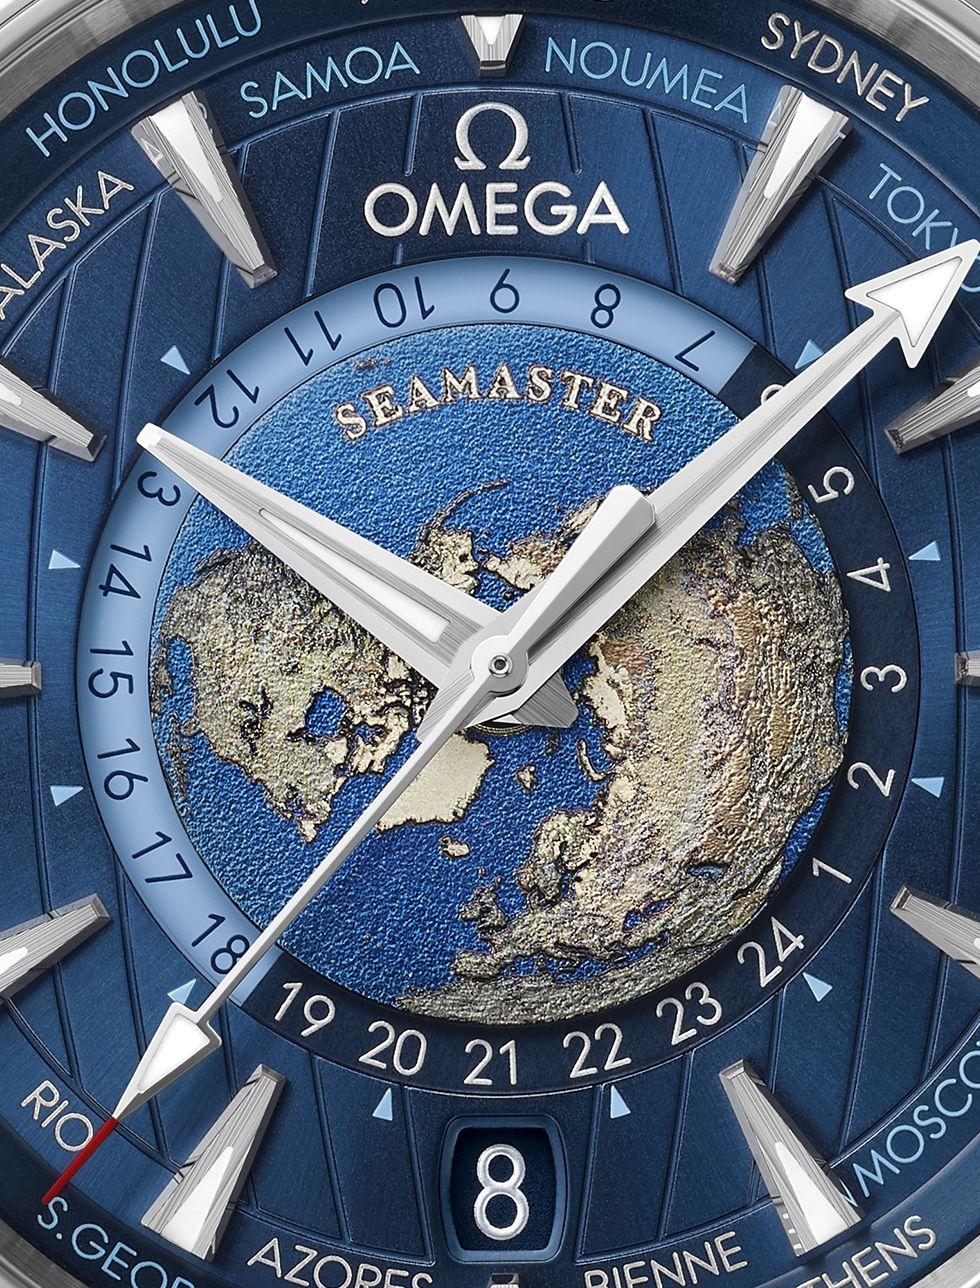 Omega Seamaster Aqua Terra Worldtimer, Omega Worldtimer, Seamaster Worldtimer